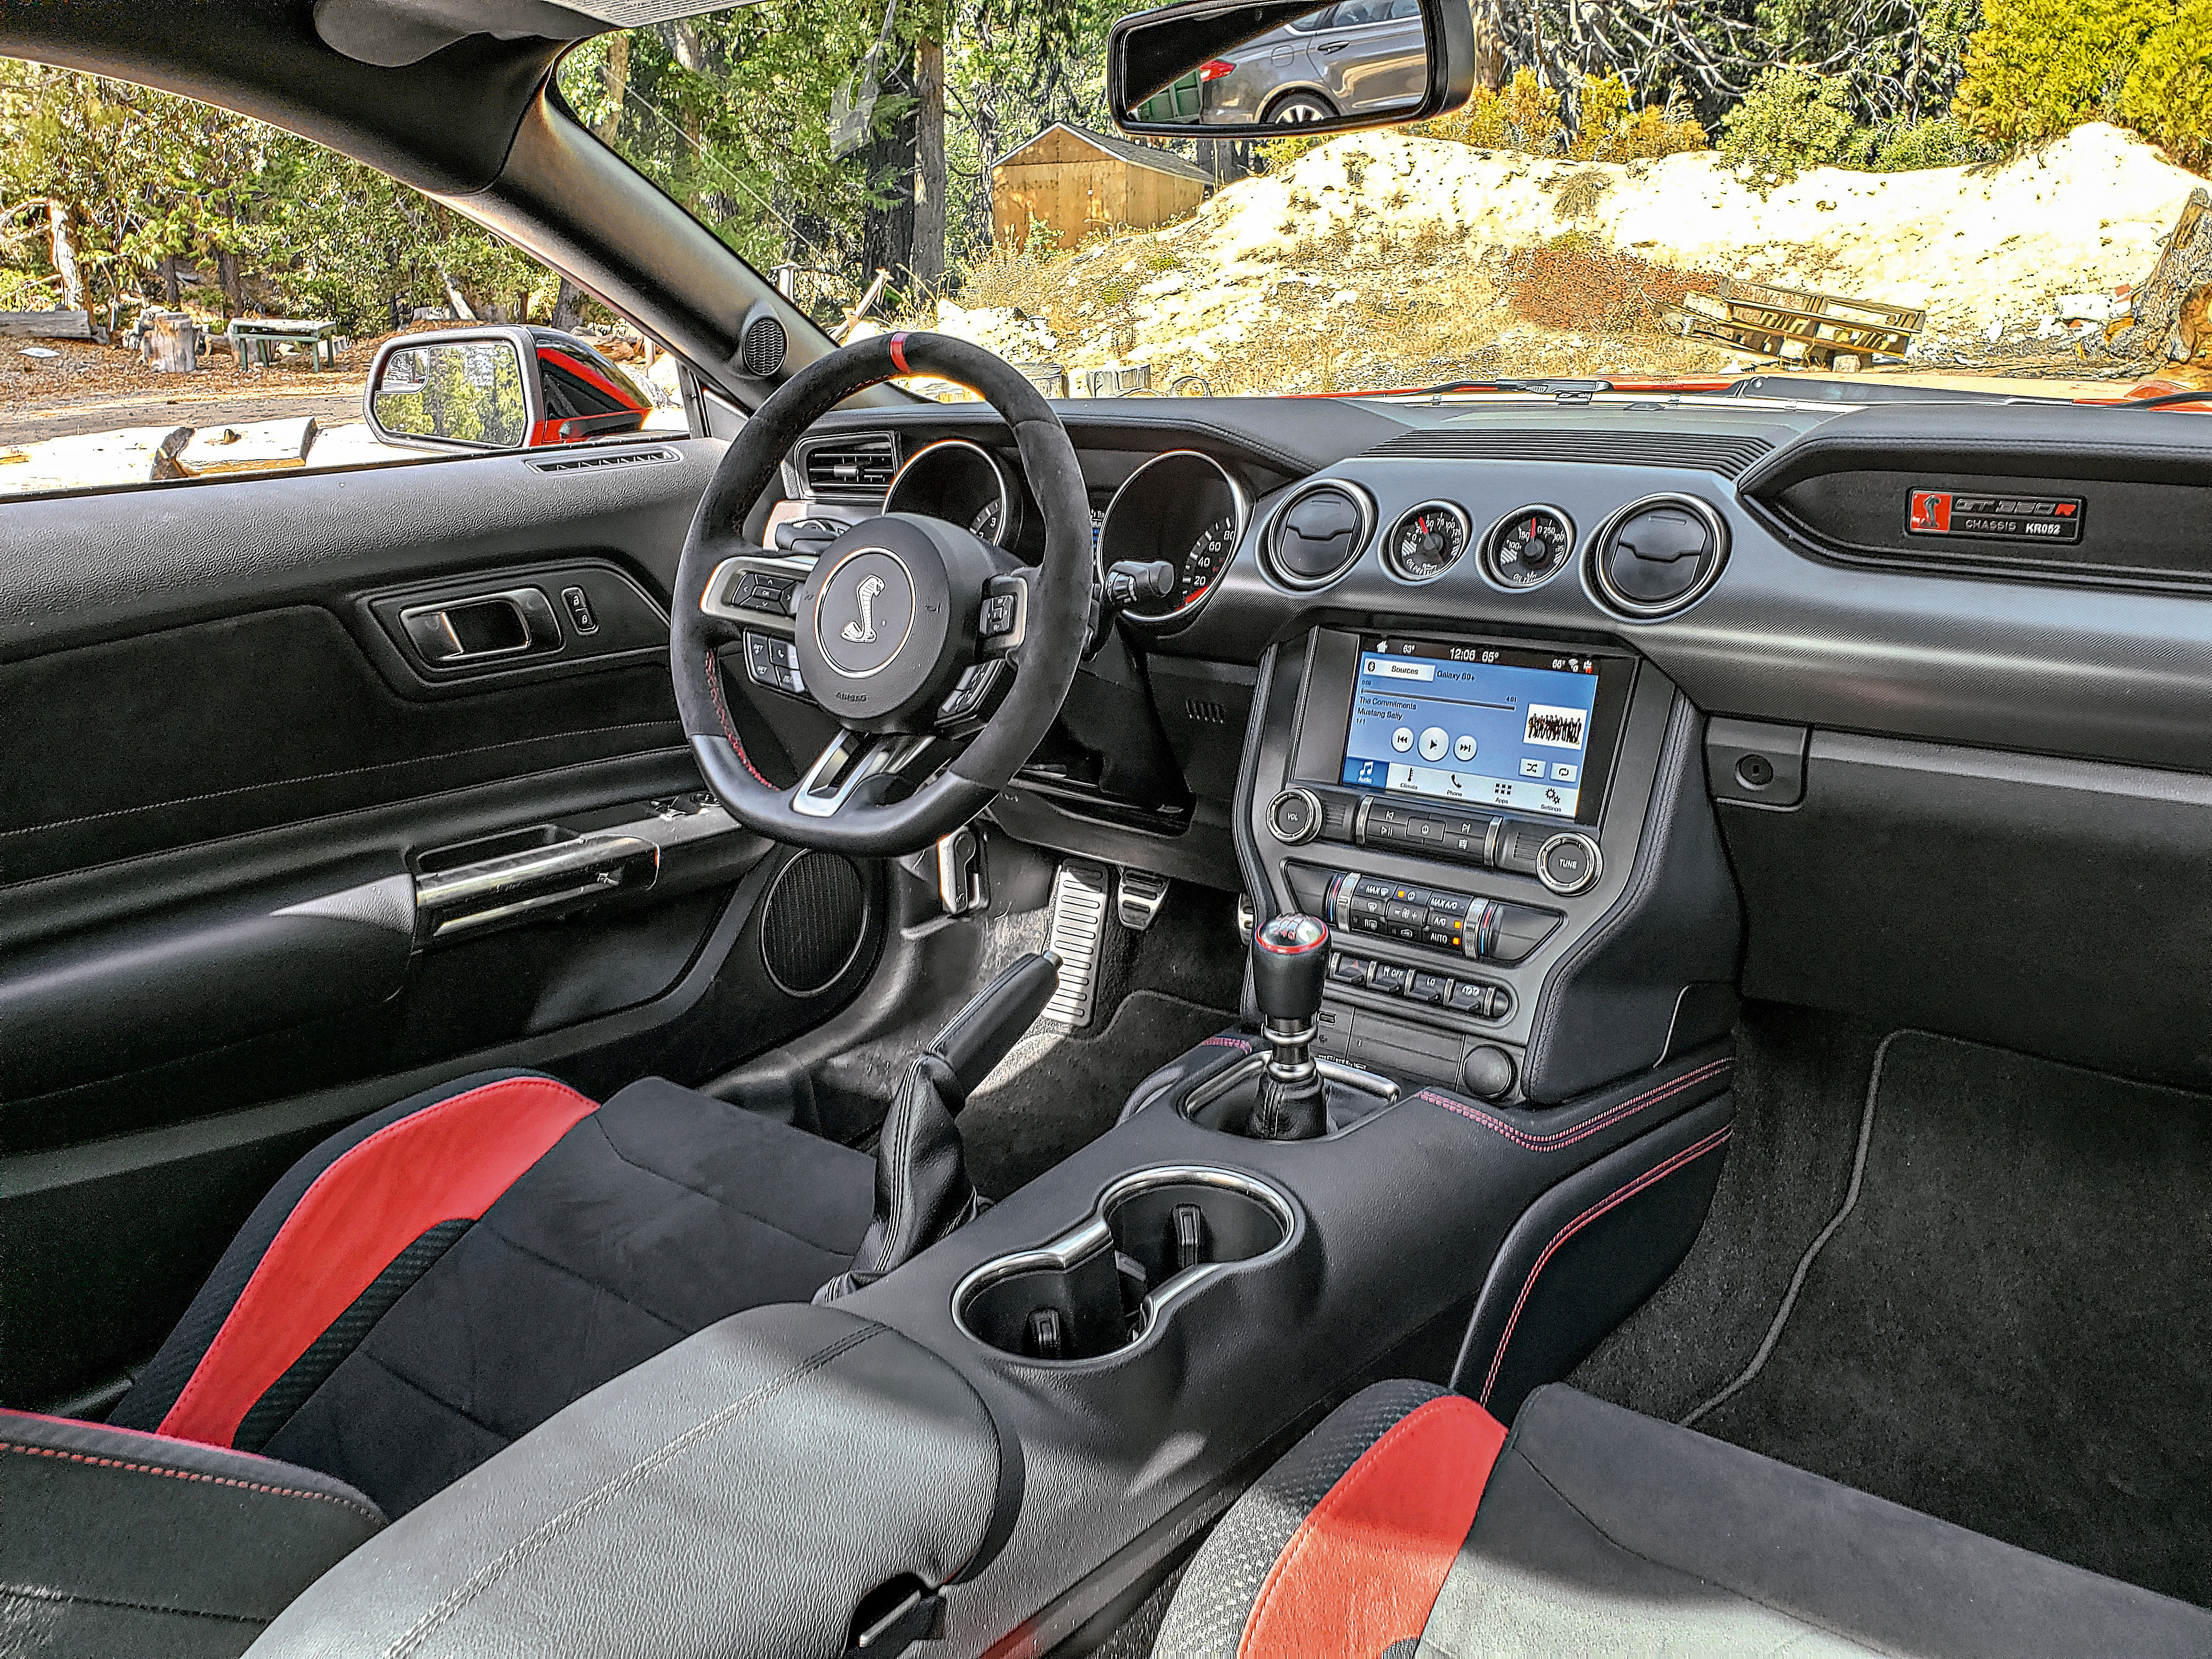 """Impressões: Ford Mustang mais caro dos EUA é manual e tem motor V8 """"puro"""""""